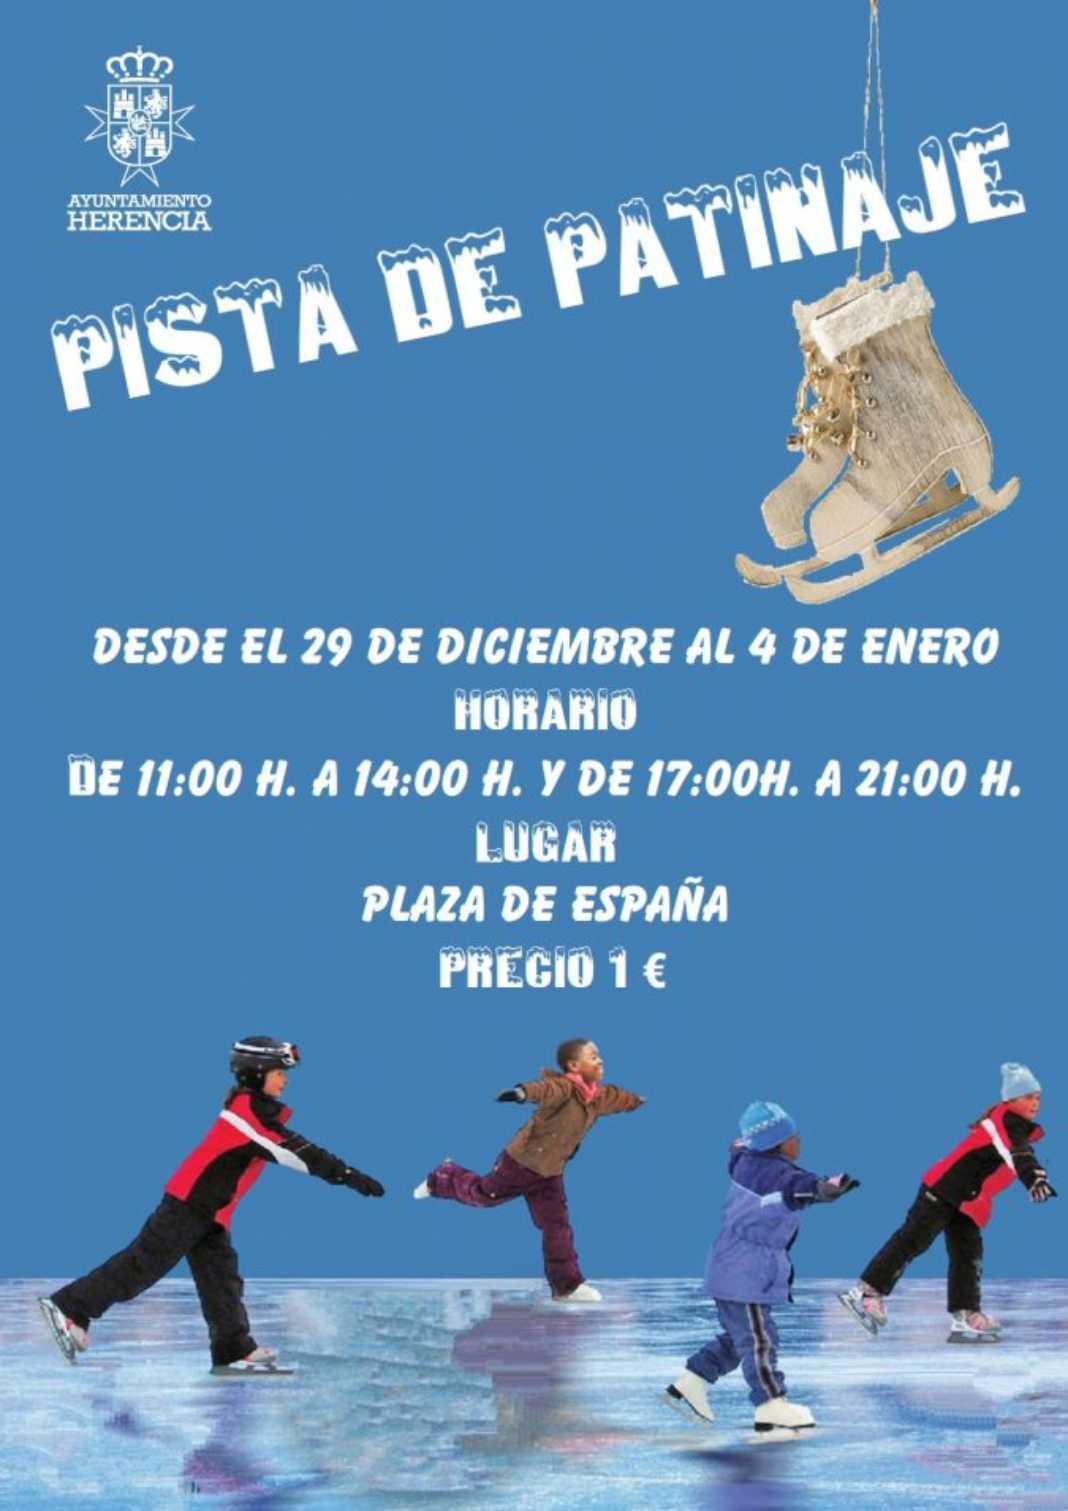 pista de patinaje en Herencia 2017 1068x1511 - Herencia contará con una pista de patinaje estas Navidades